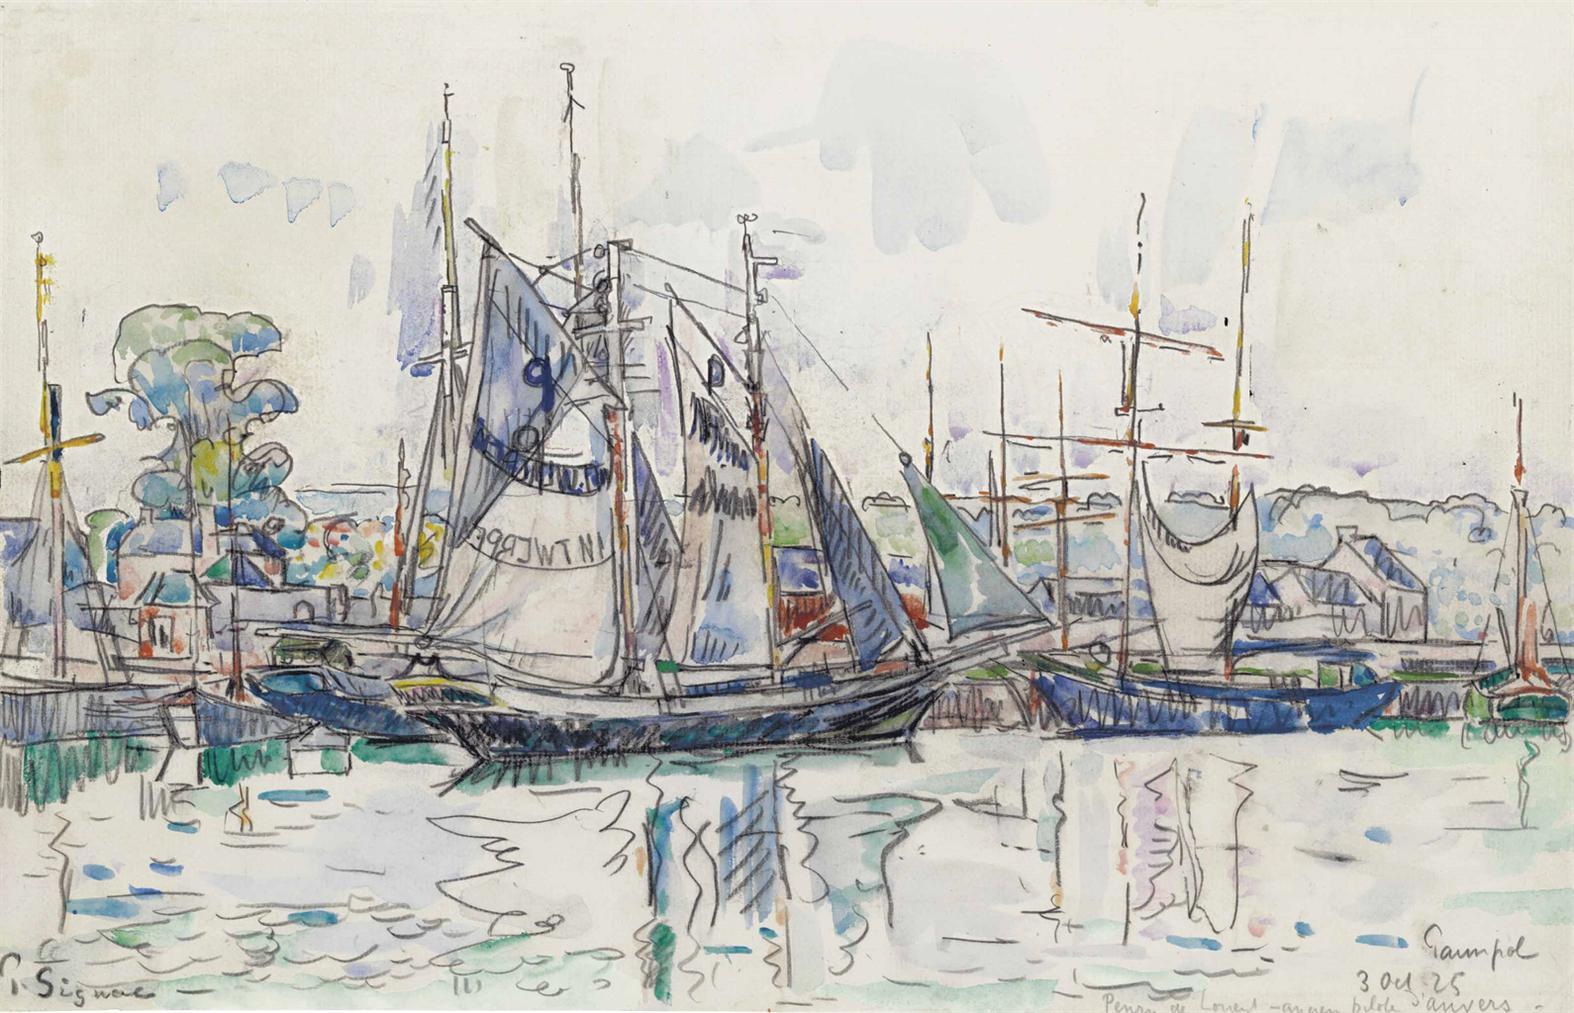 Paul Signac-Paimpol-1925